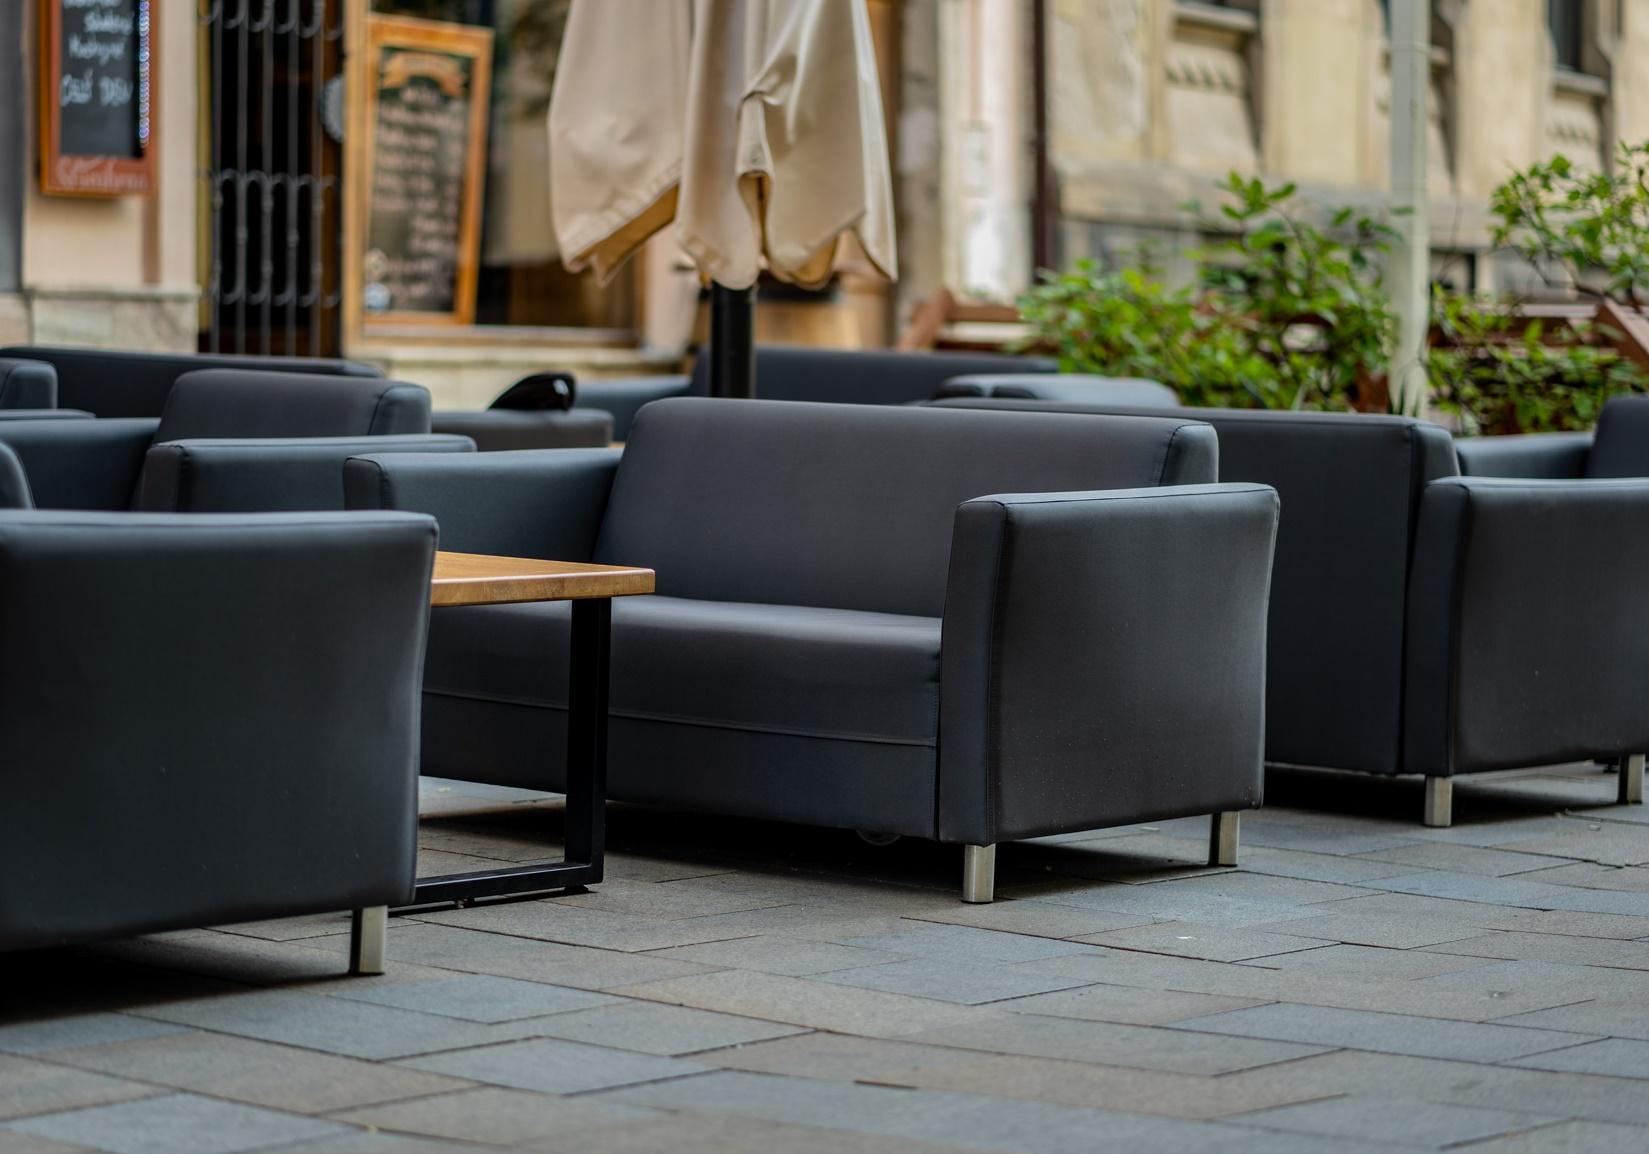 Vybavení kavárny luxusním nábytkem